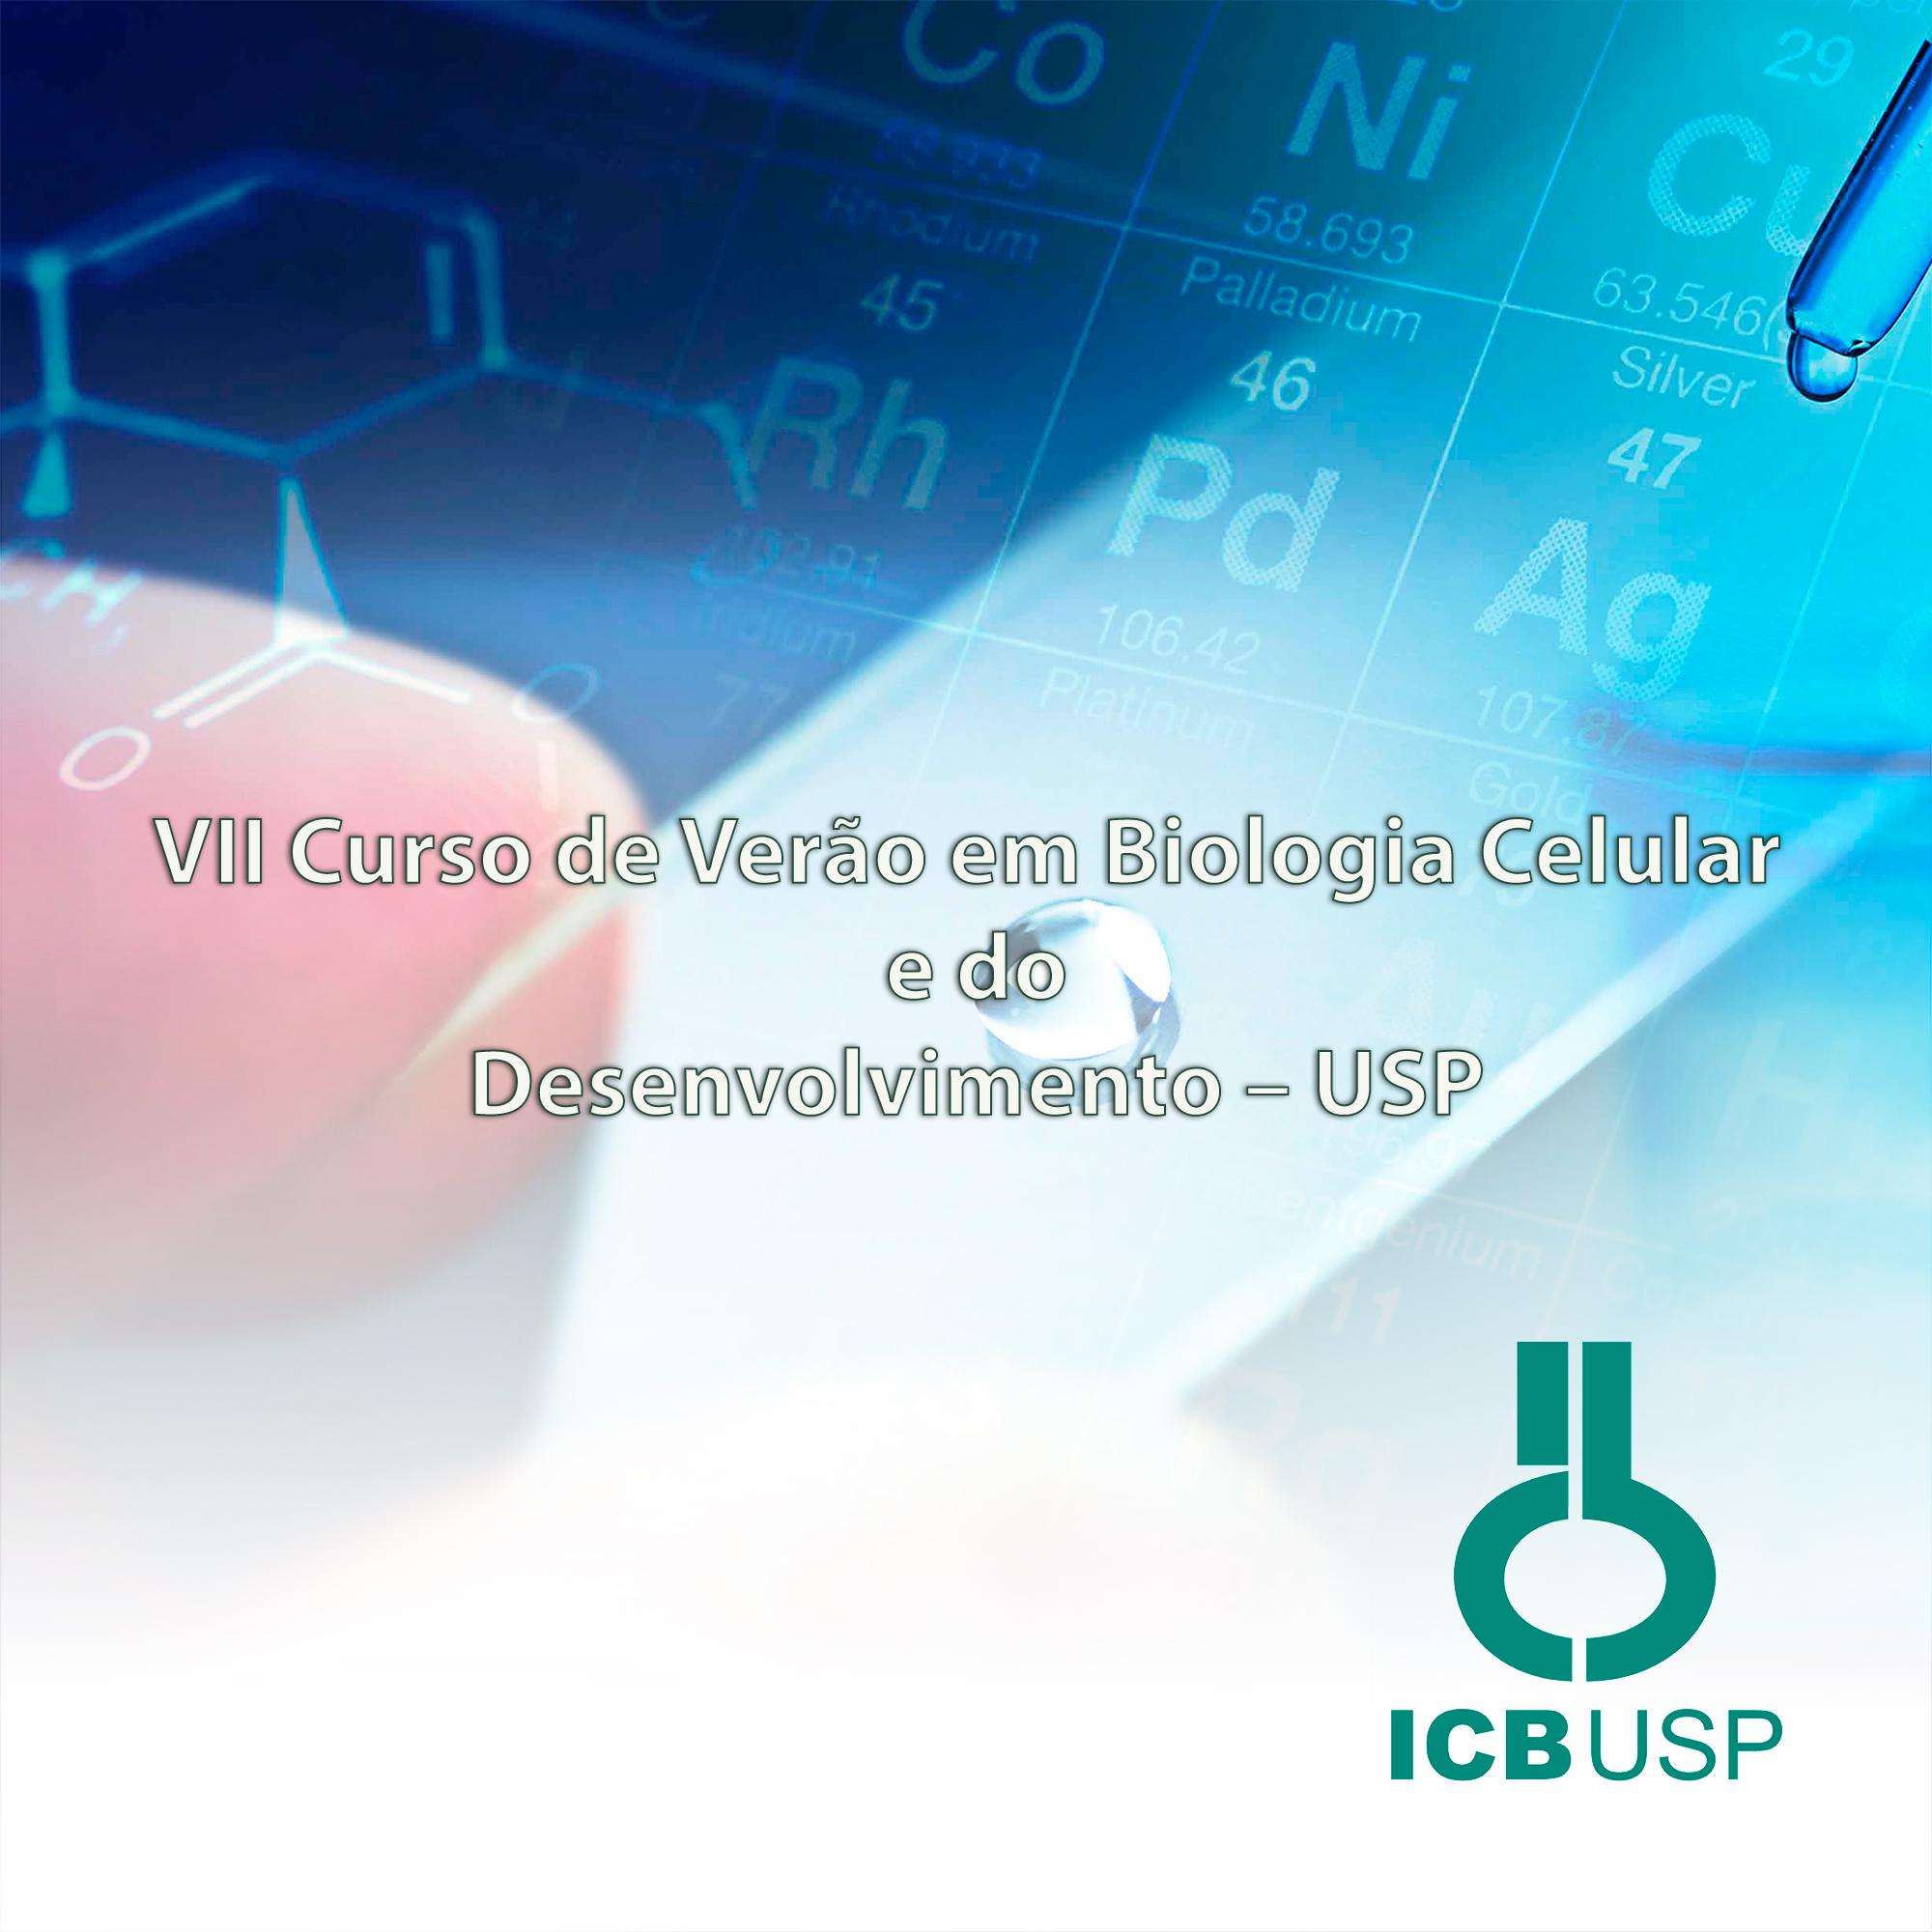 VIII Curso de Verão em Biologia Celular e do Desenvolvimento – USP